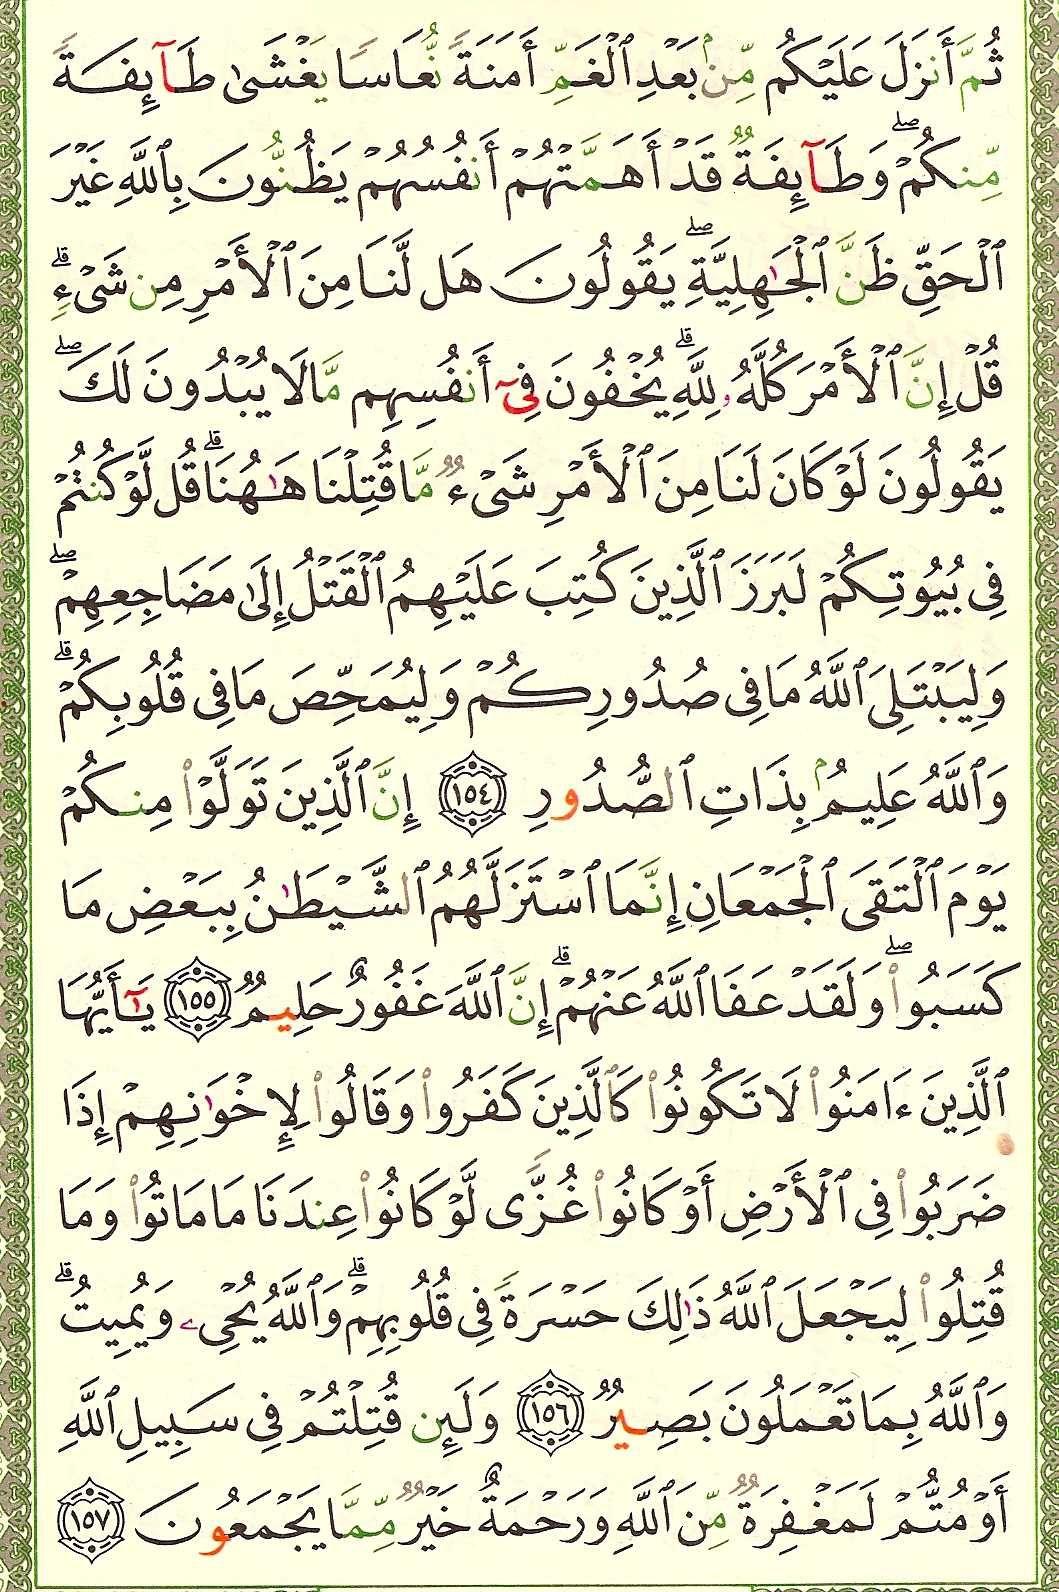 3. سورة آل عمران - Al-Imran مصورة من المصحف الشريف 070